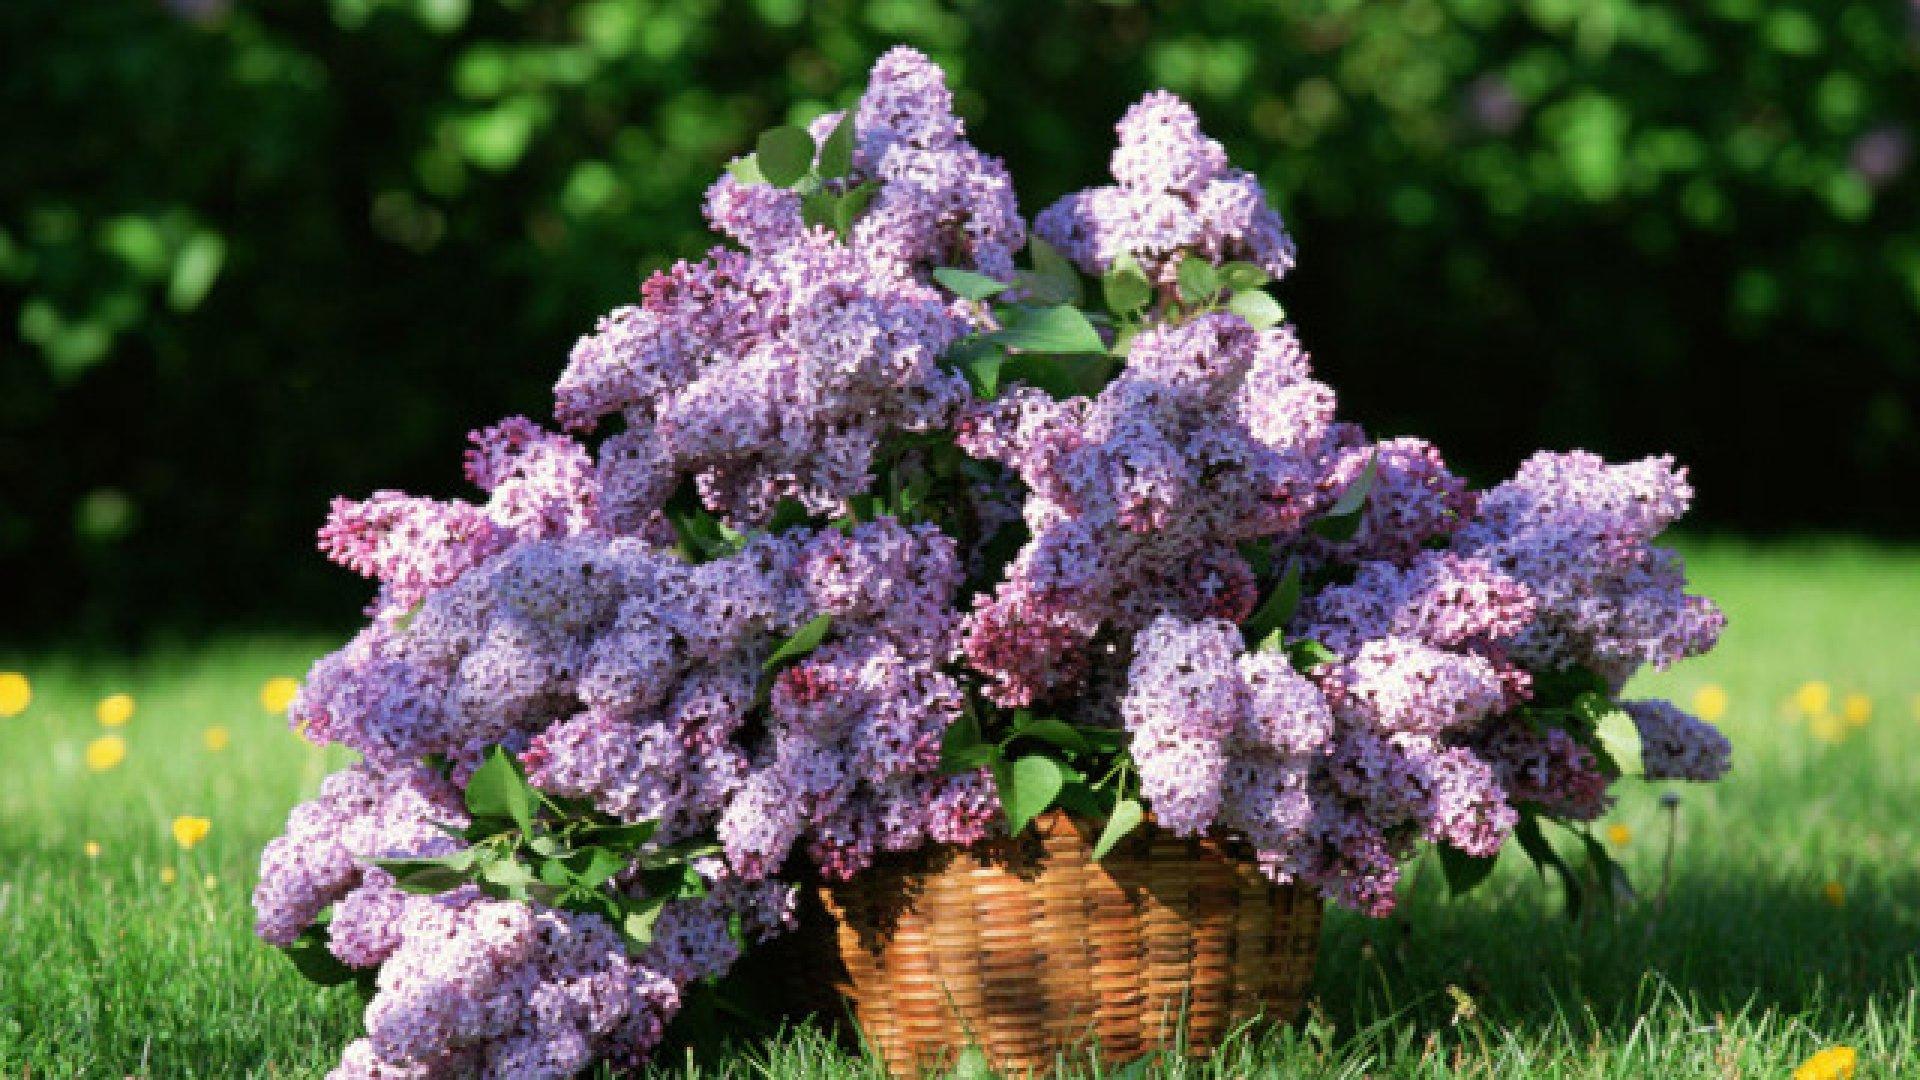 Flori de liliac pentru dureri articulare, Beneficiile florilor de liliac